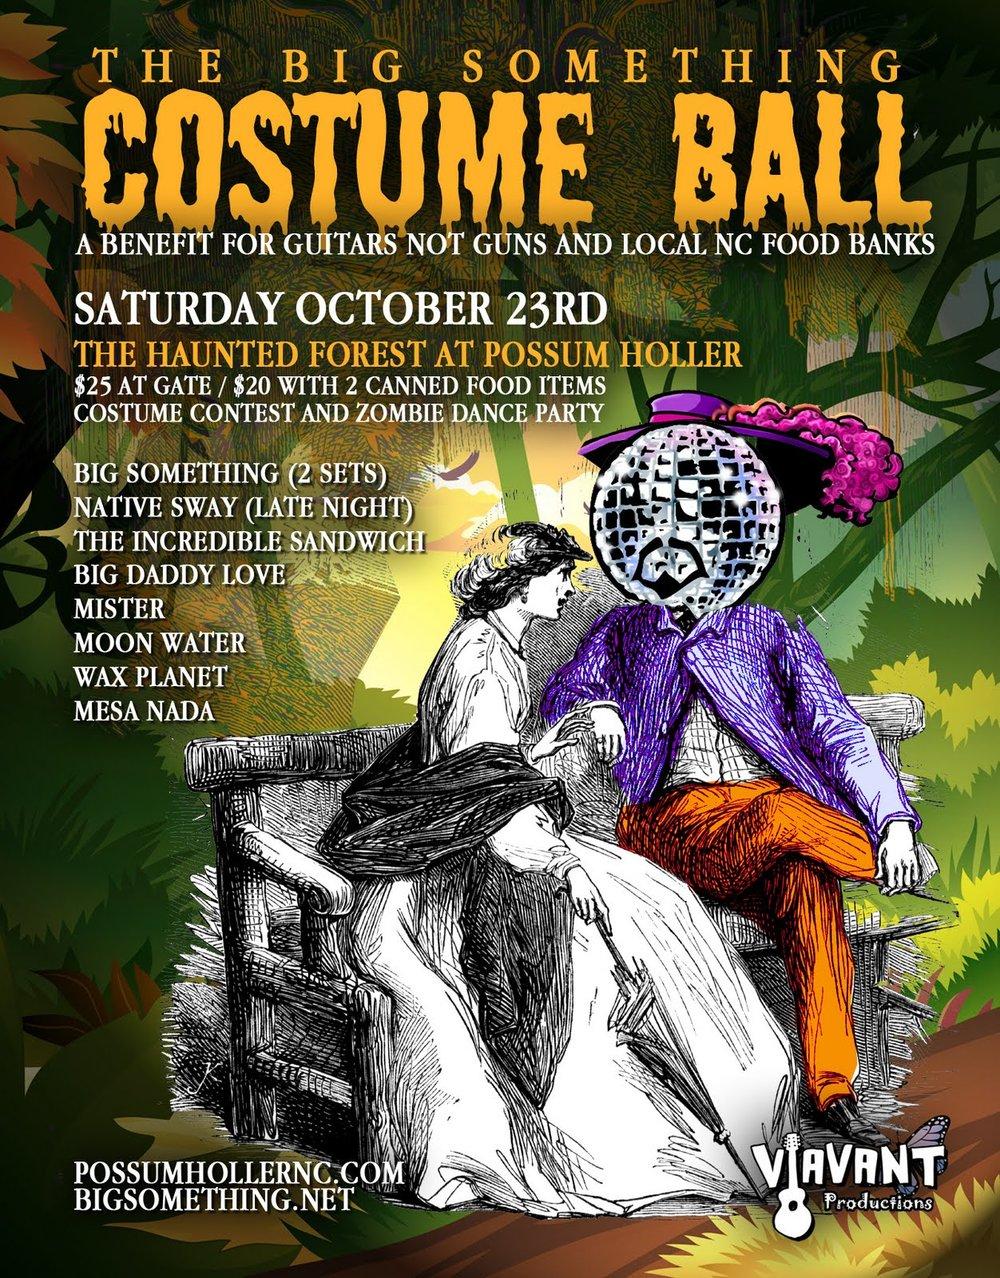 costume ball.jpg